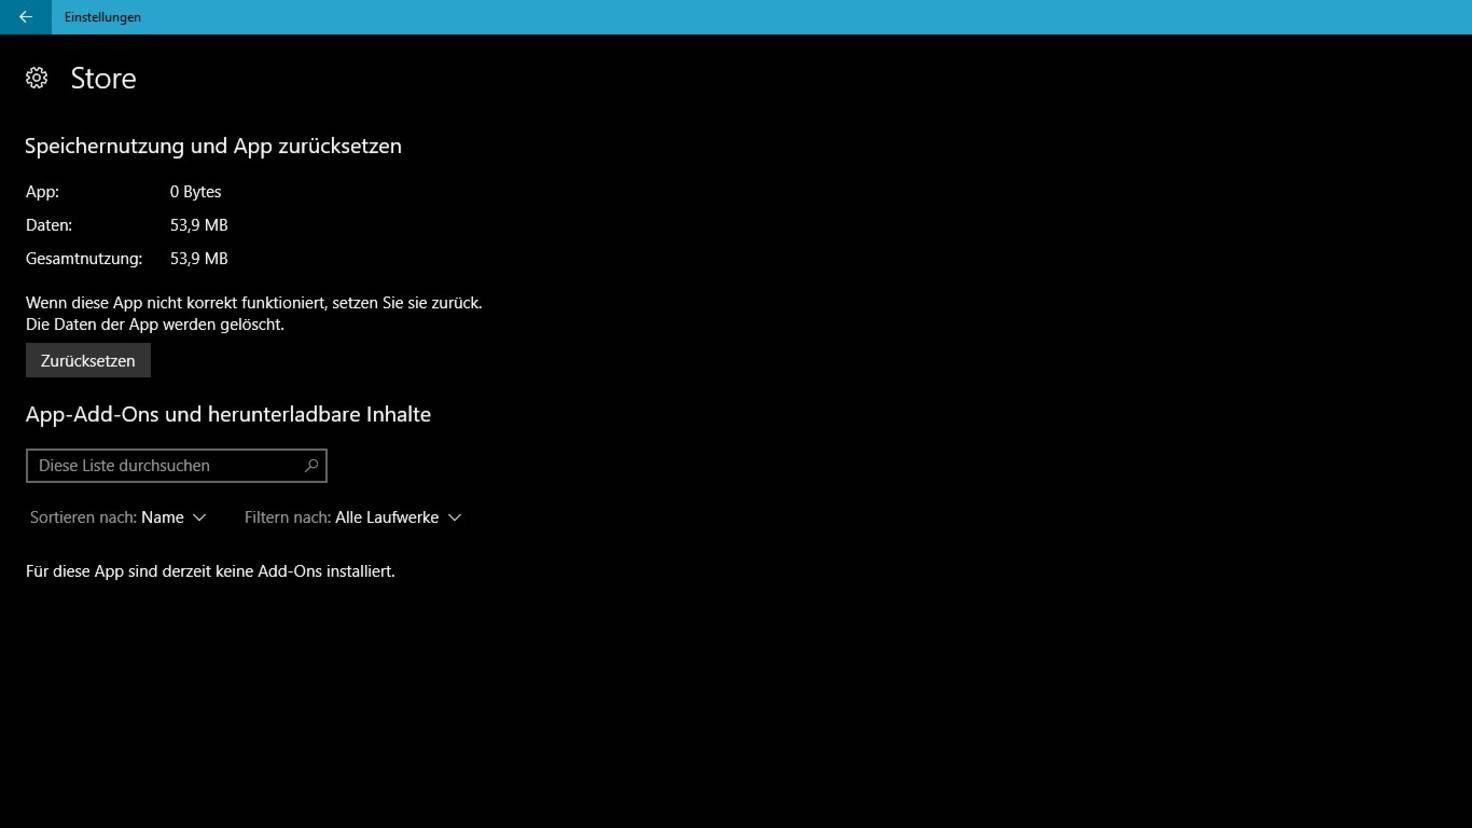 Windows-Store-Zuruecksetzen